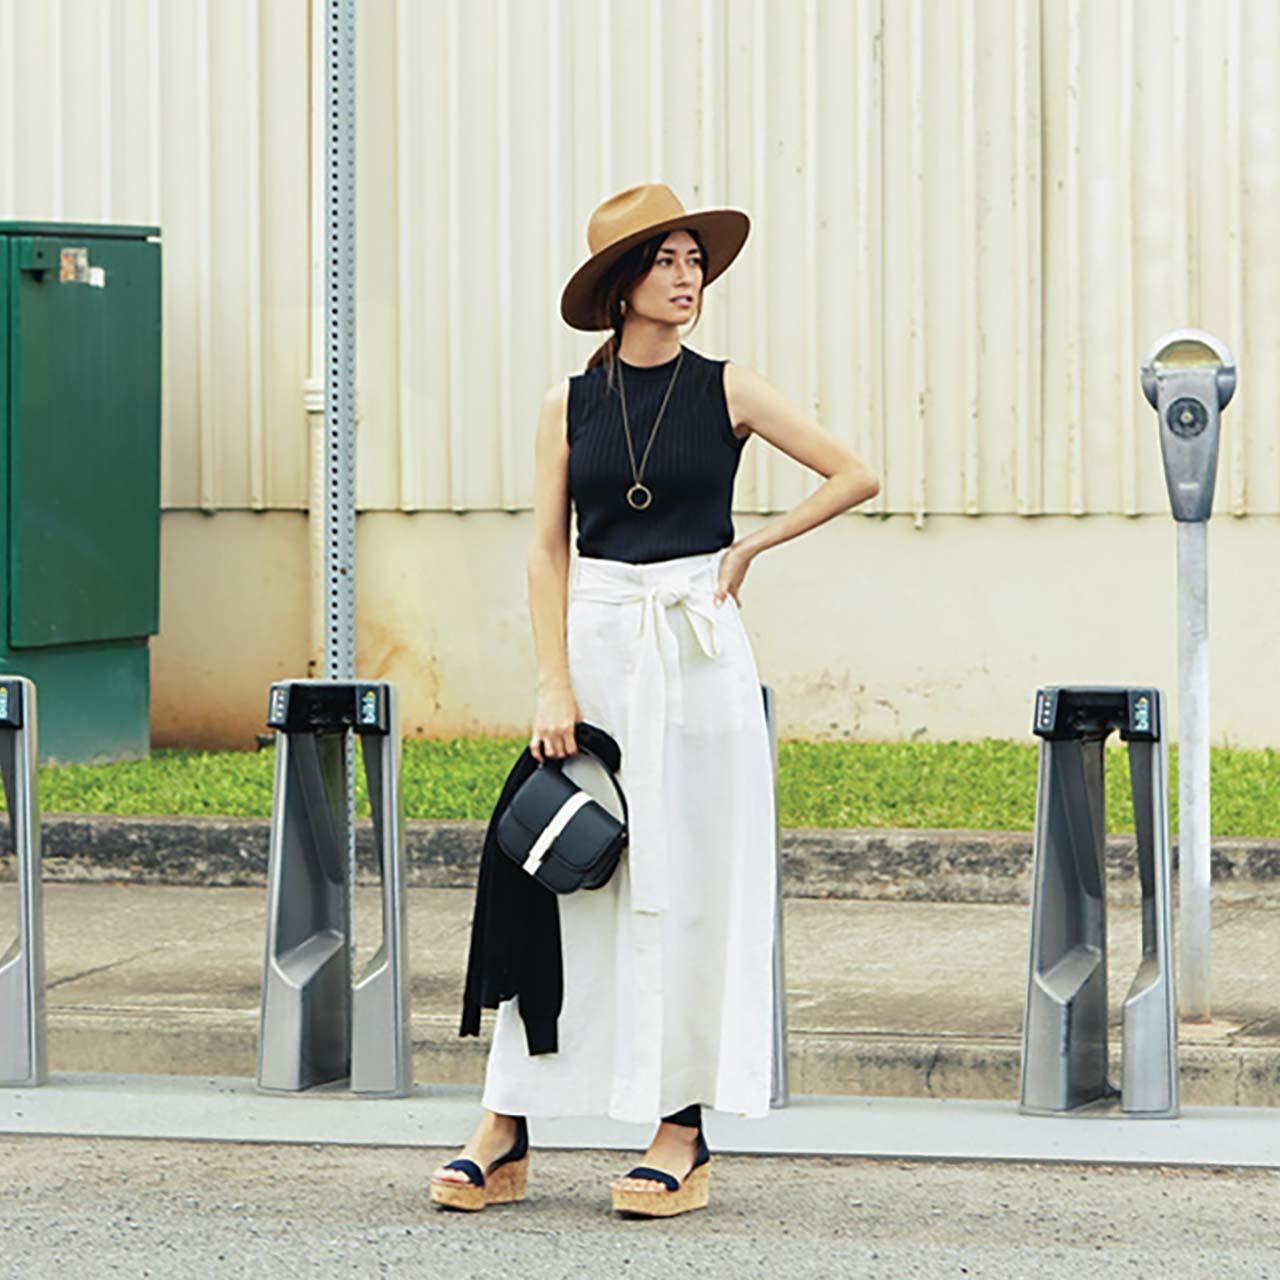 黒のノースリーブ×リボンつき白スカートのモノトーンコーデ